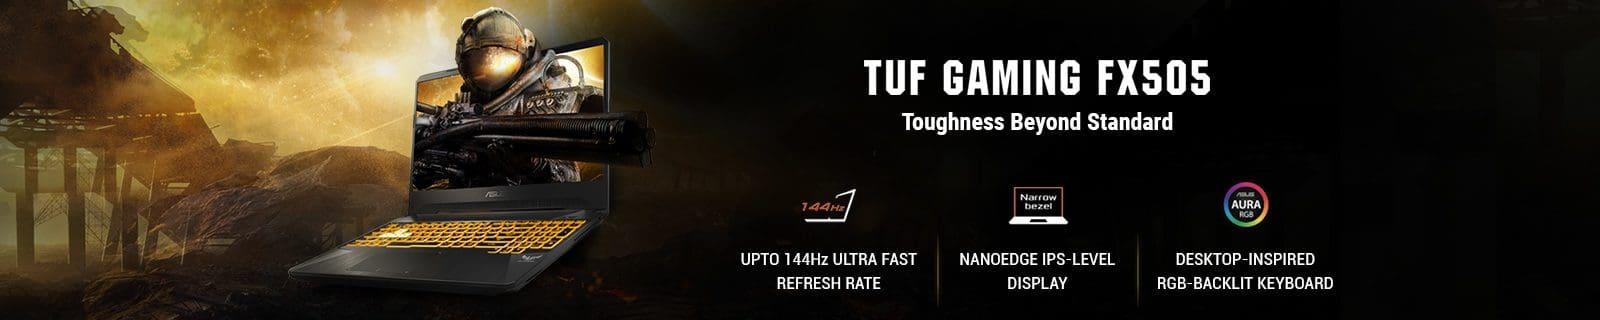 TUF Gaming FX505